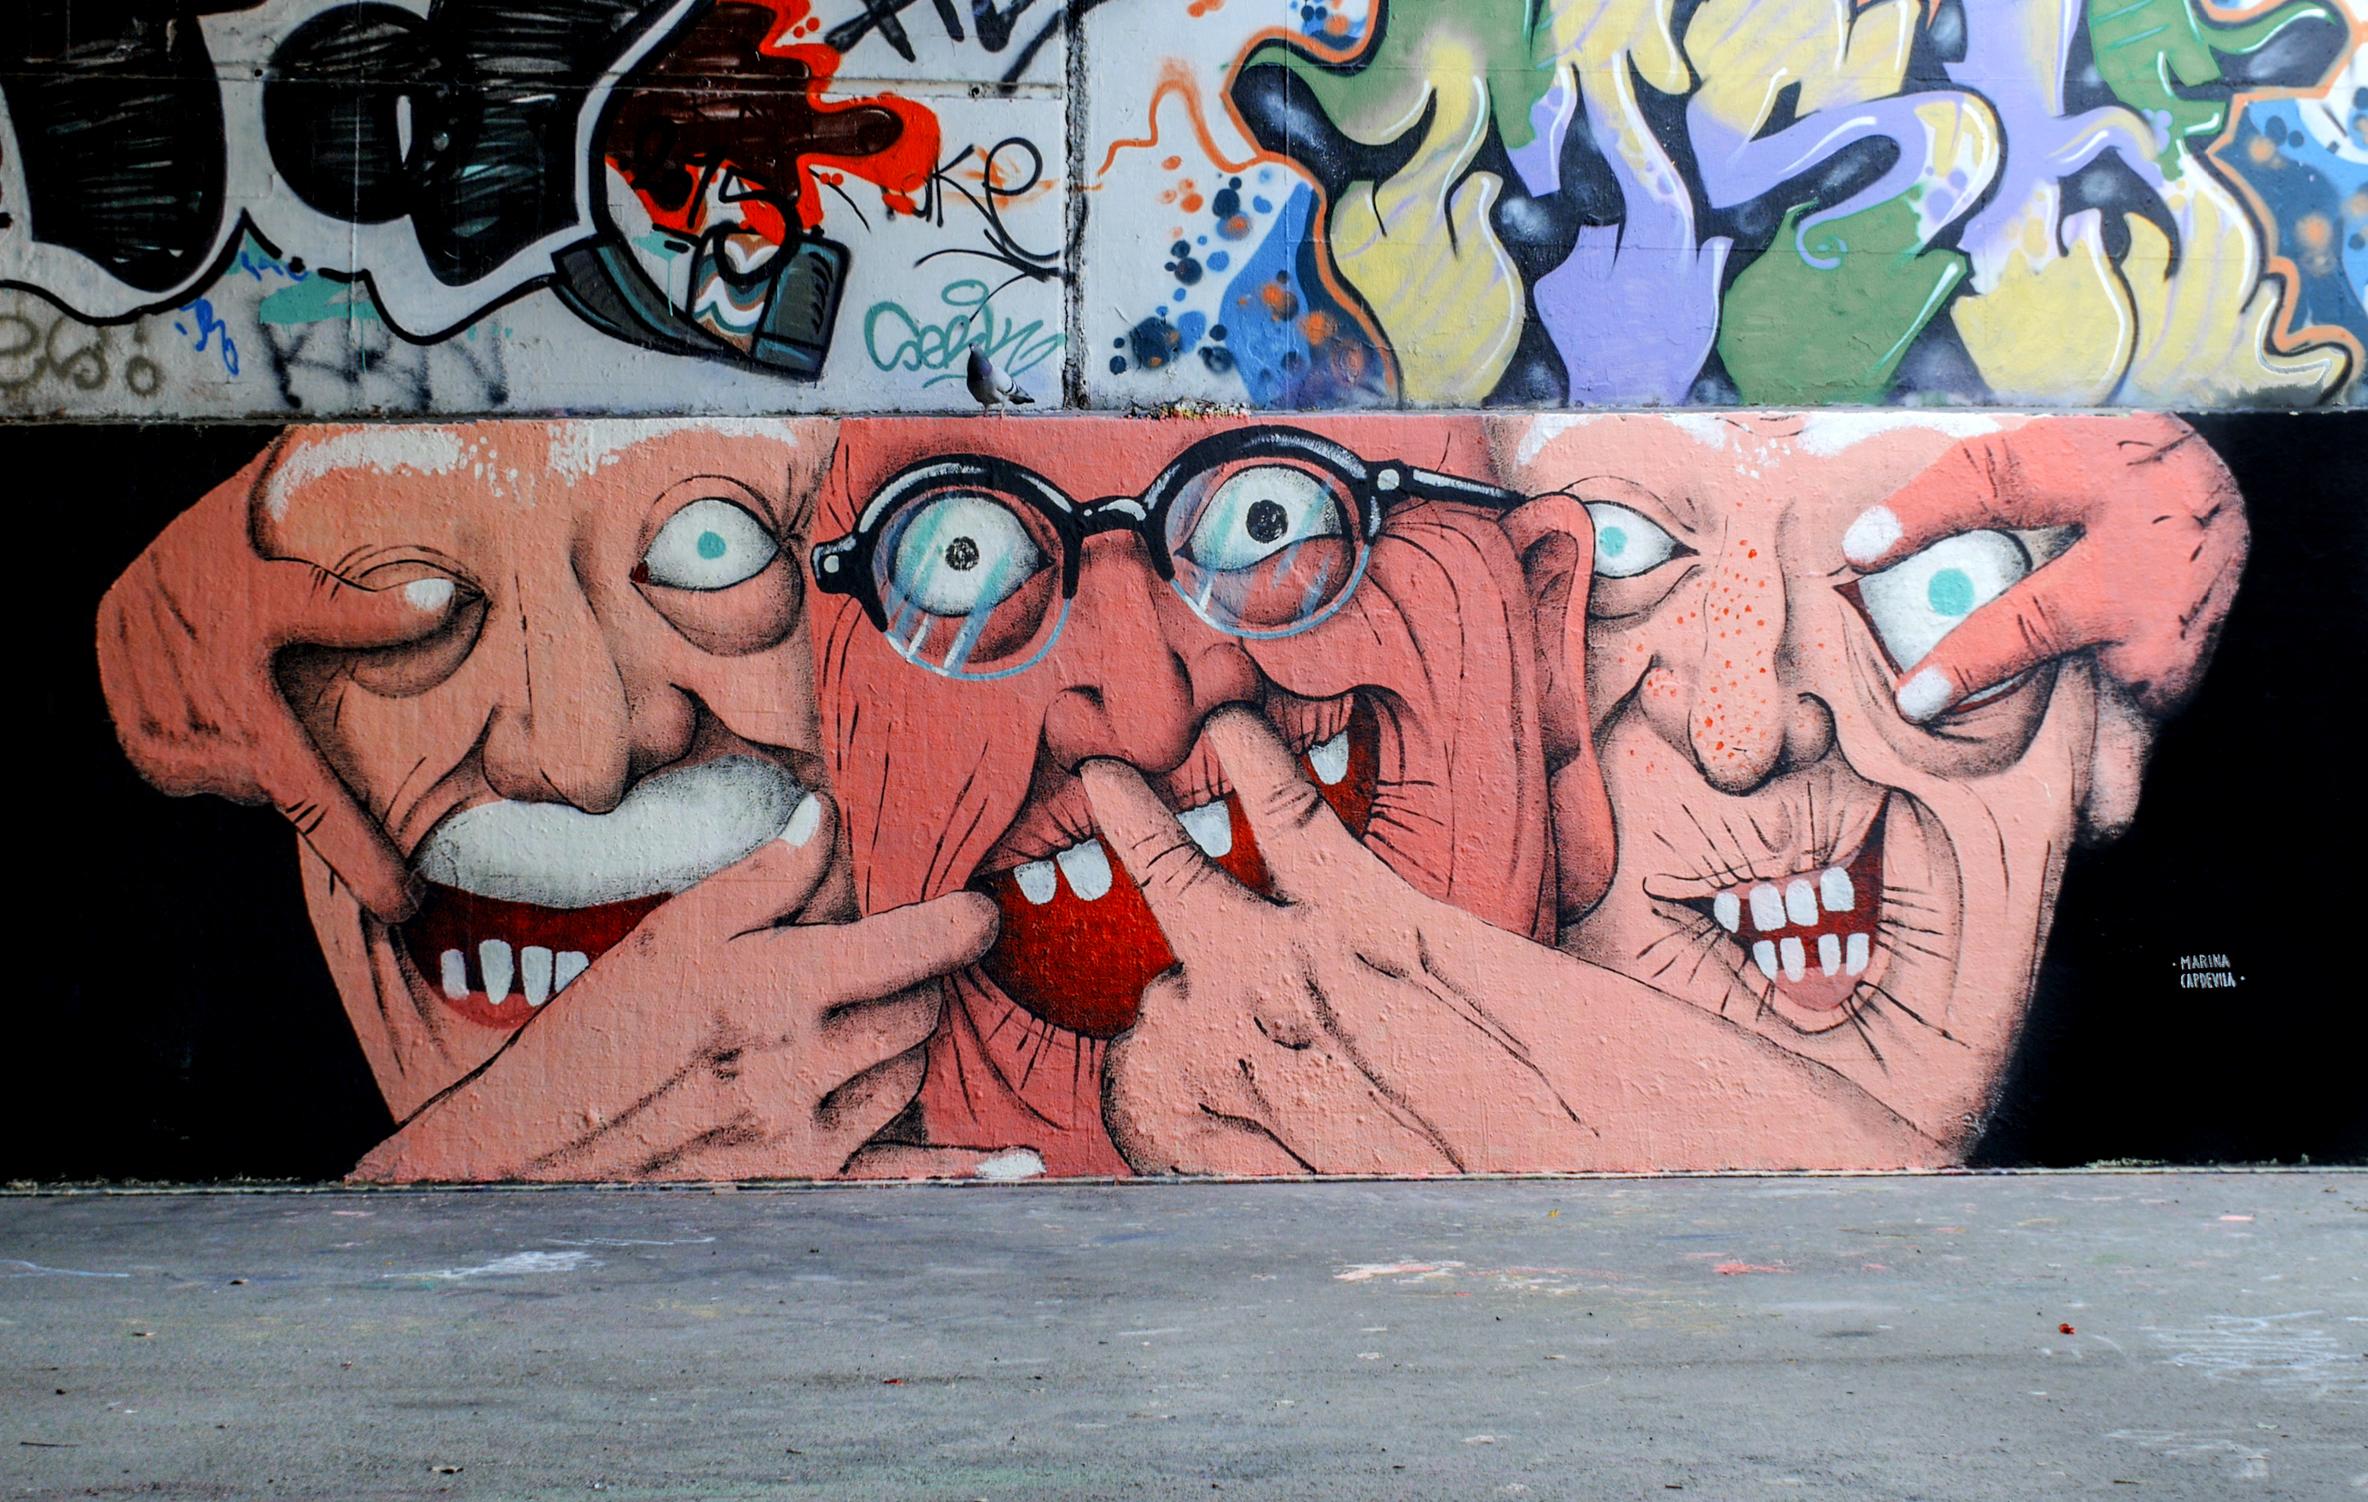 Mural painted in Barcelona, Spain. 2016